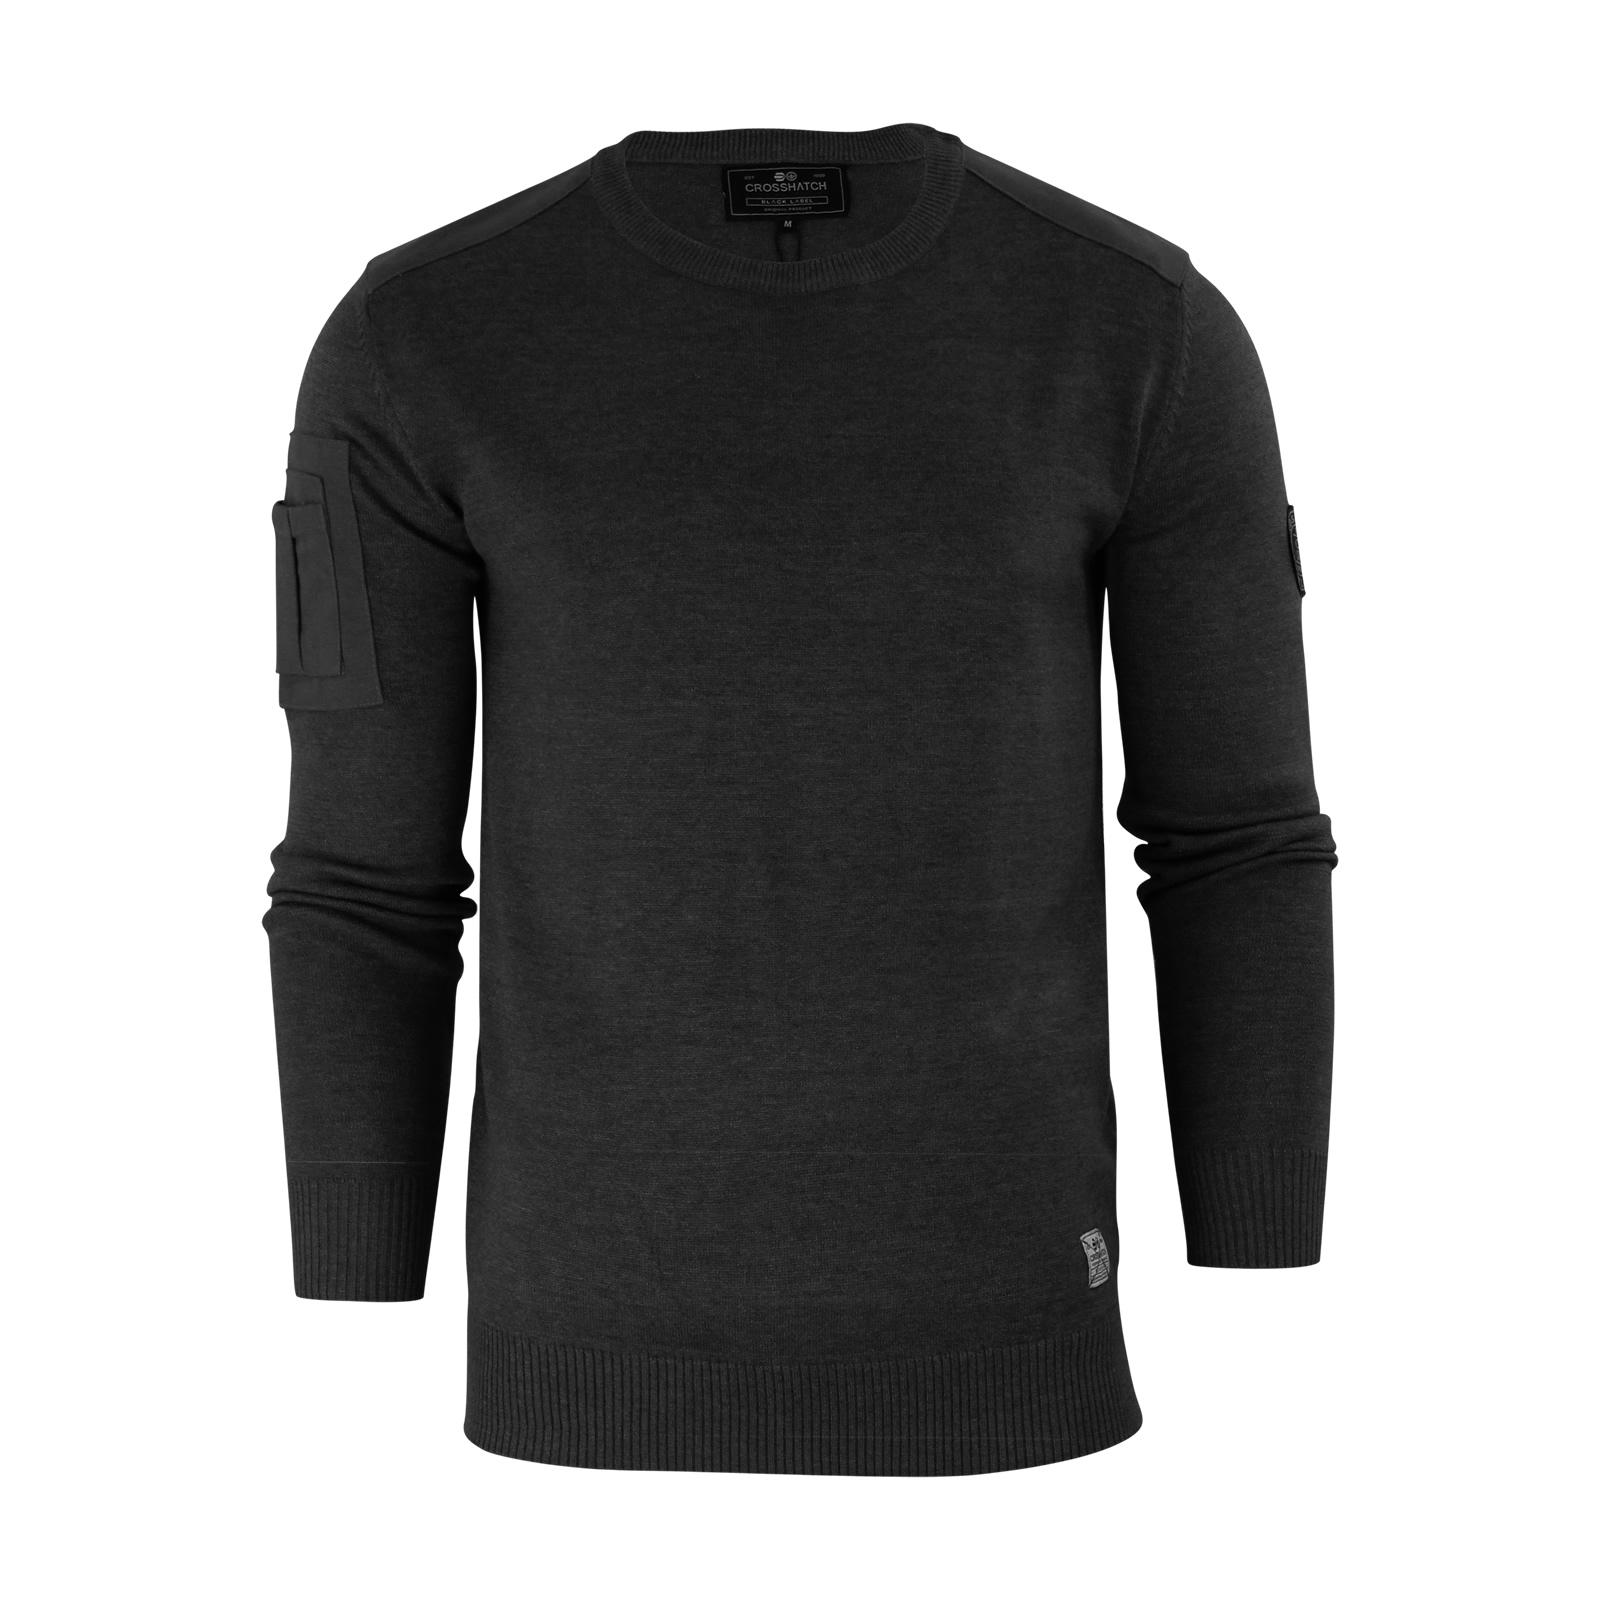 herren-pullover-crosshatch-barrowell-rundhals-strickpullover Indexbild 14